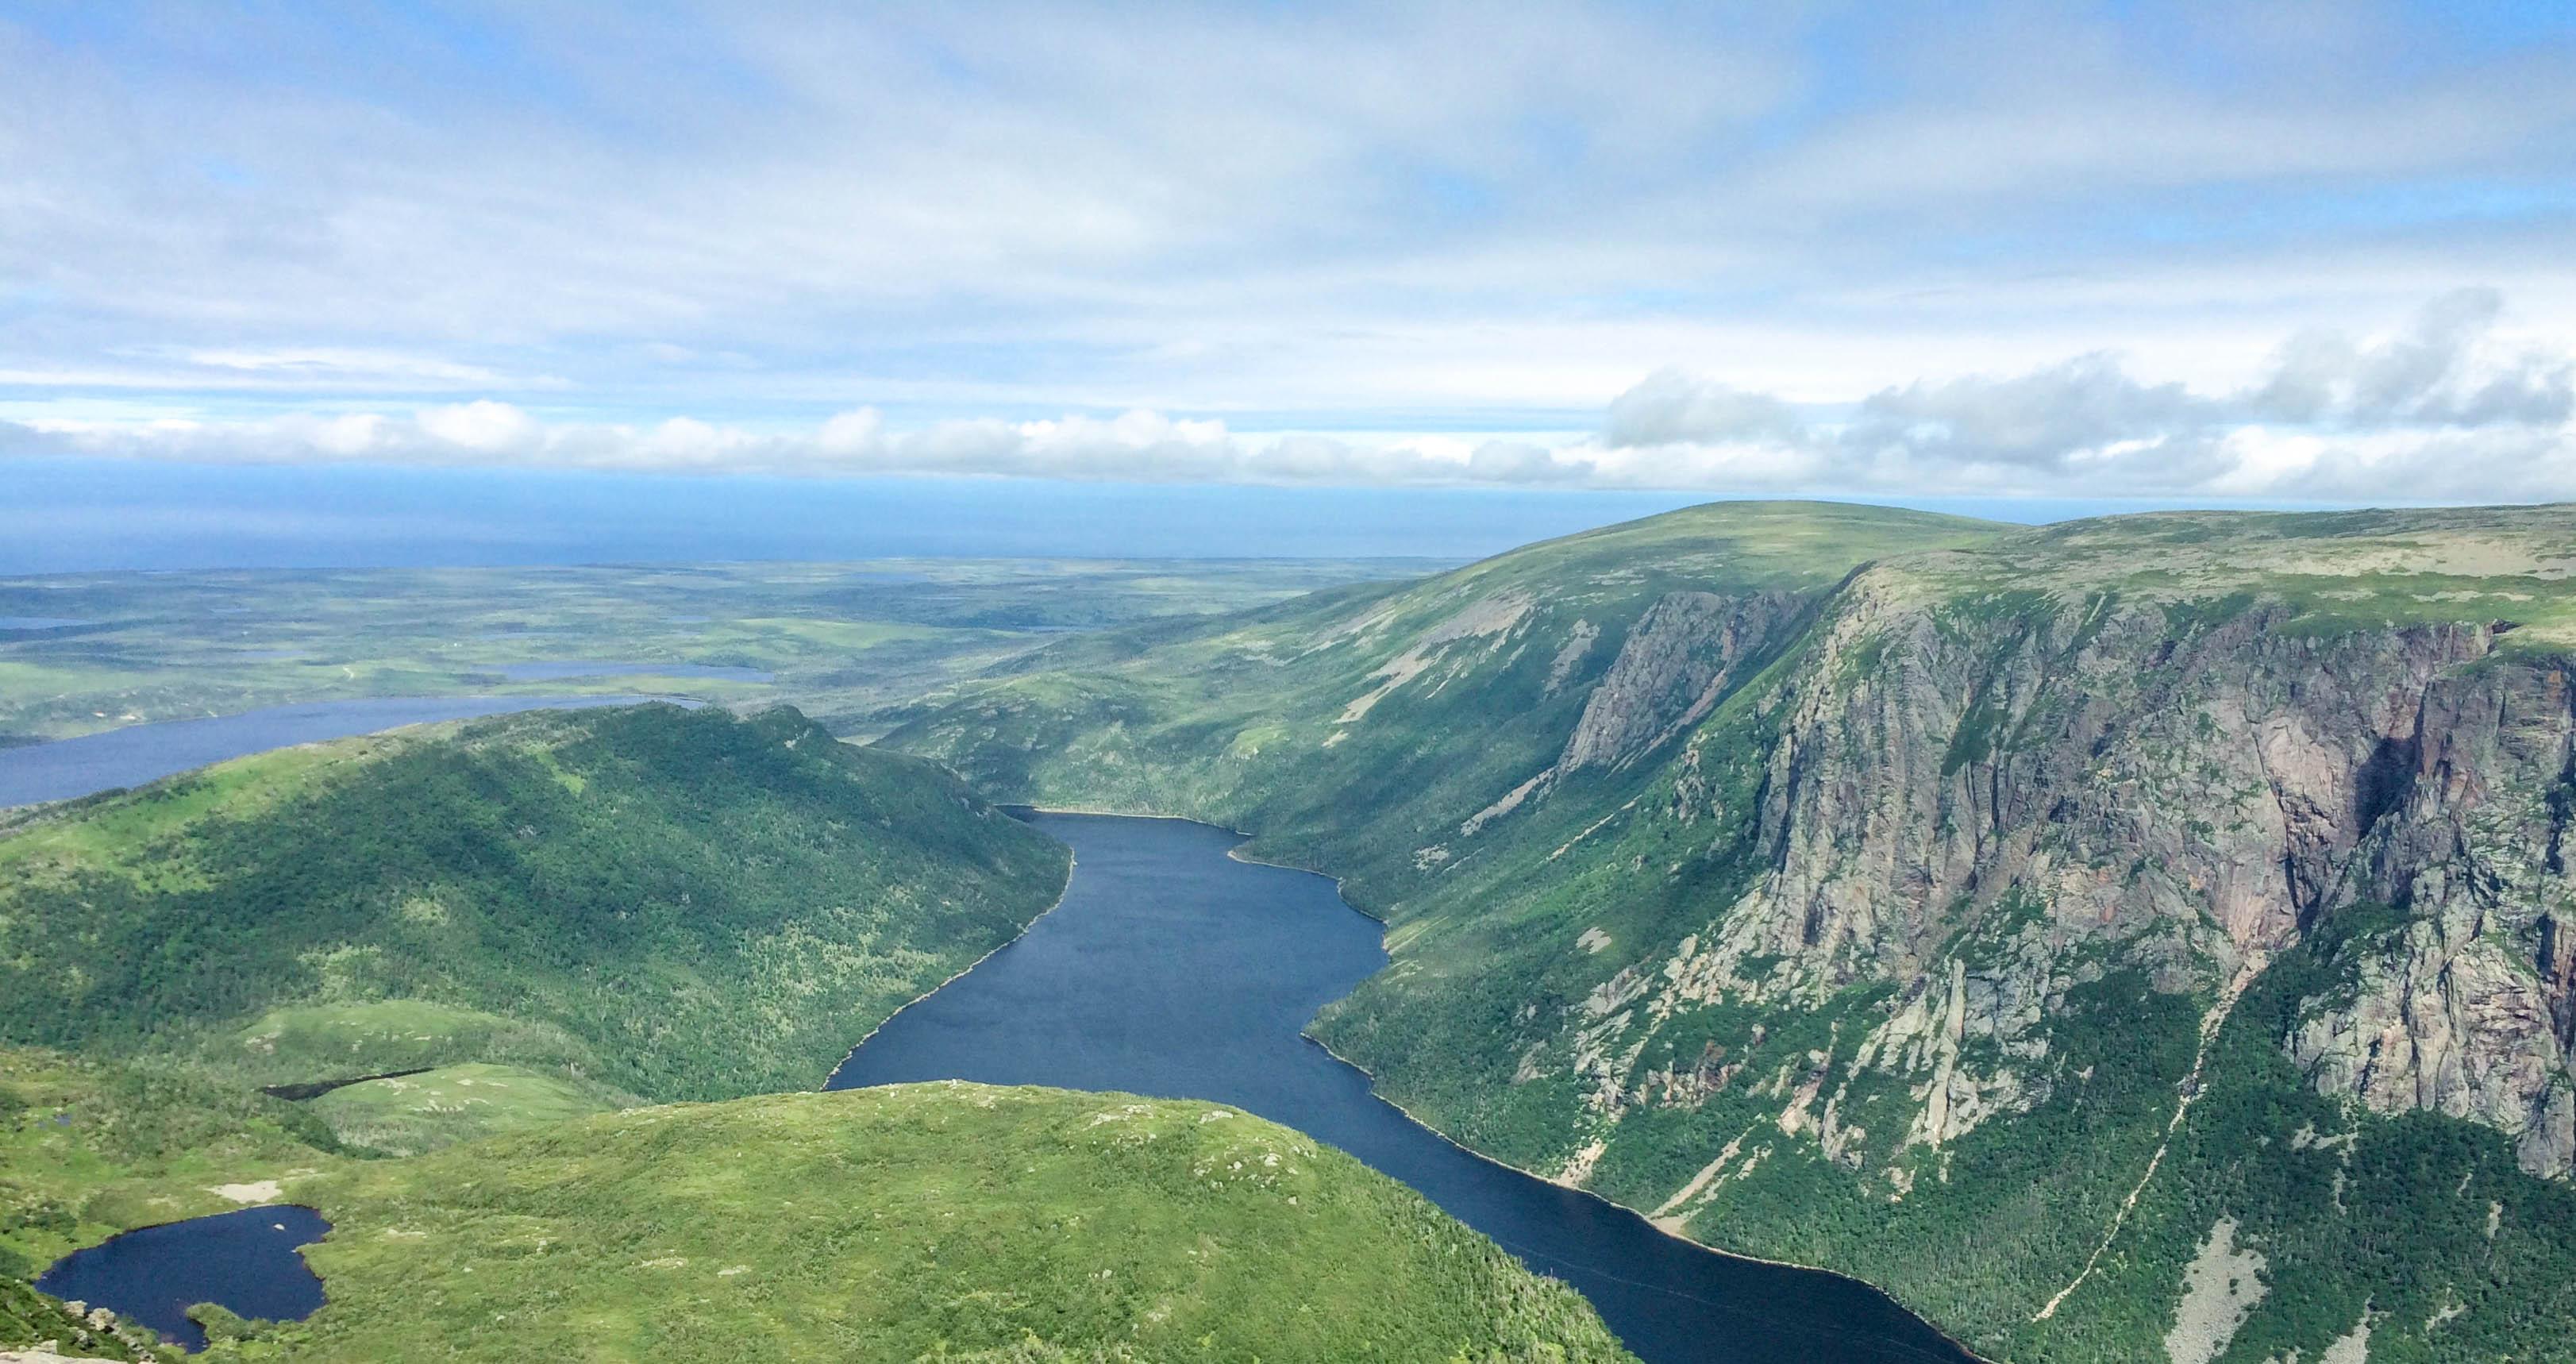 View of Ten Mile Pond on Gros Morne Mountain